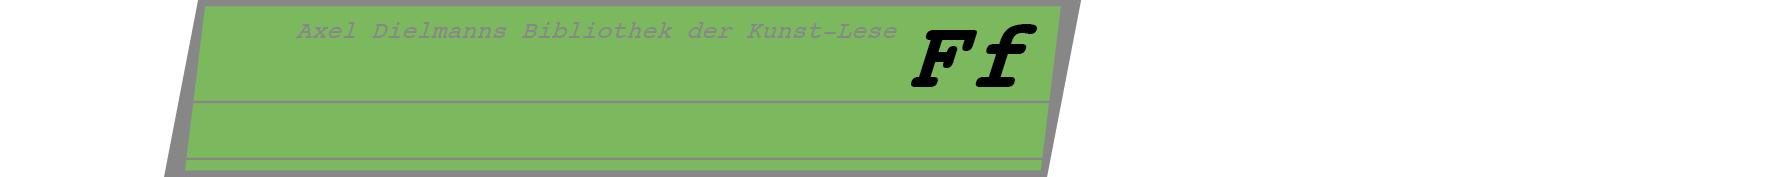 Kartei-F